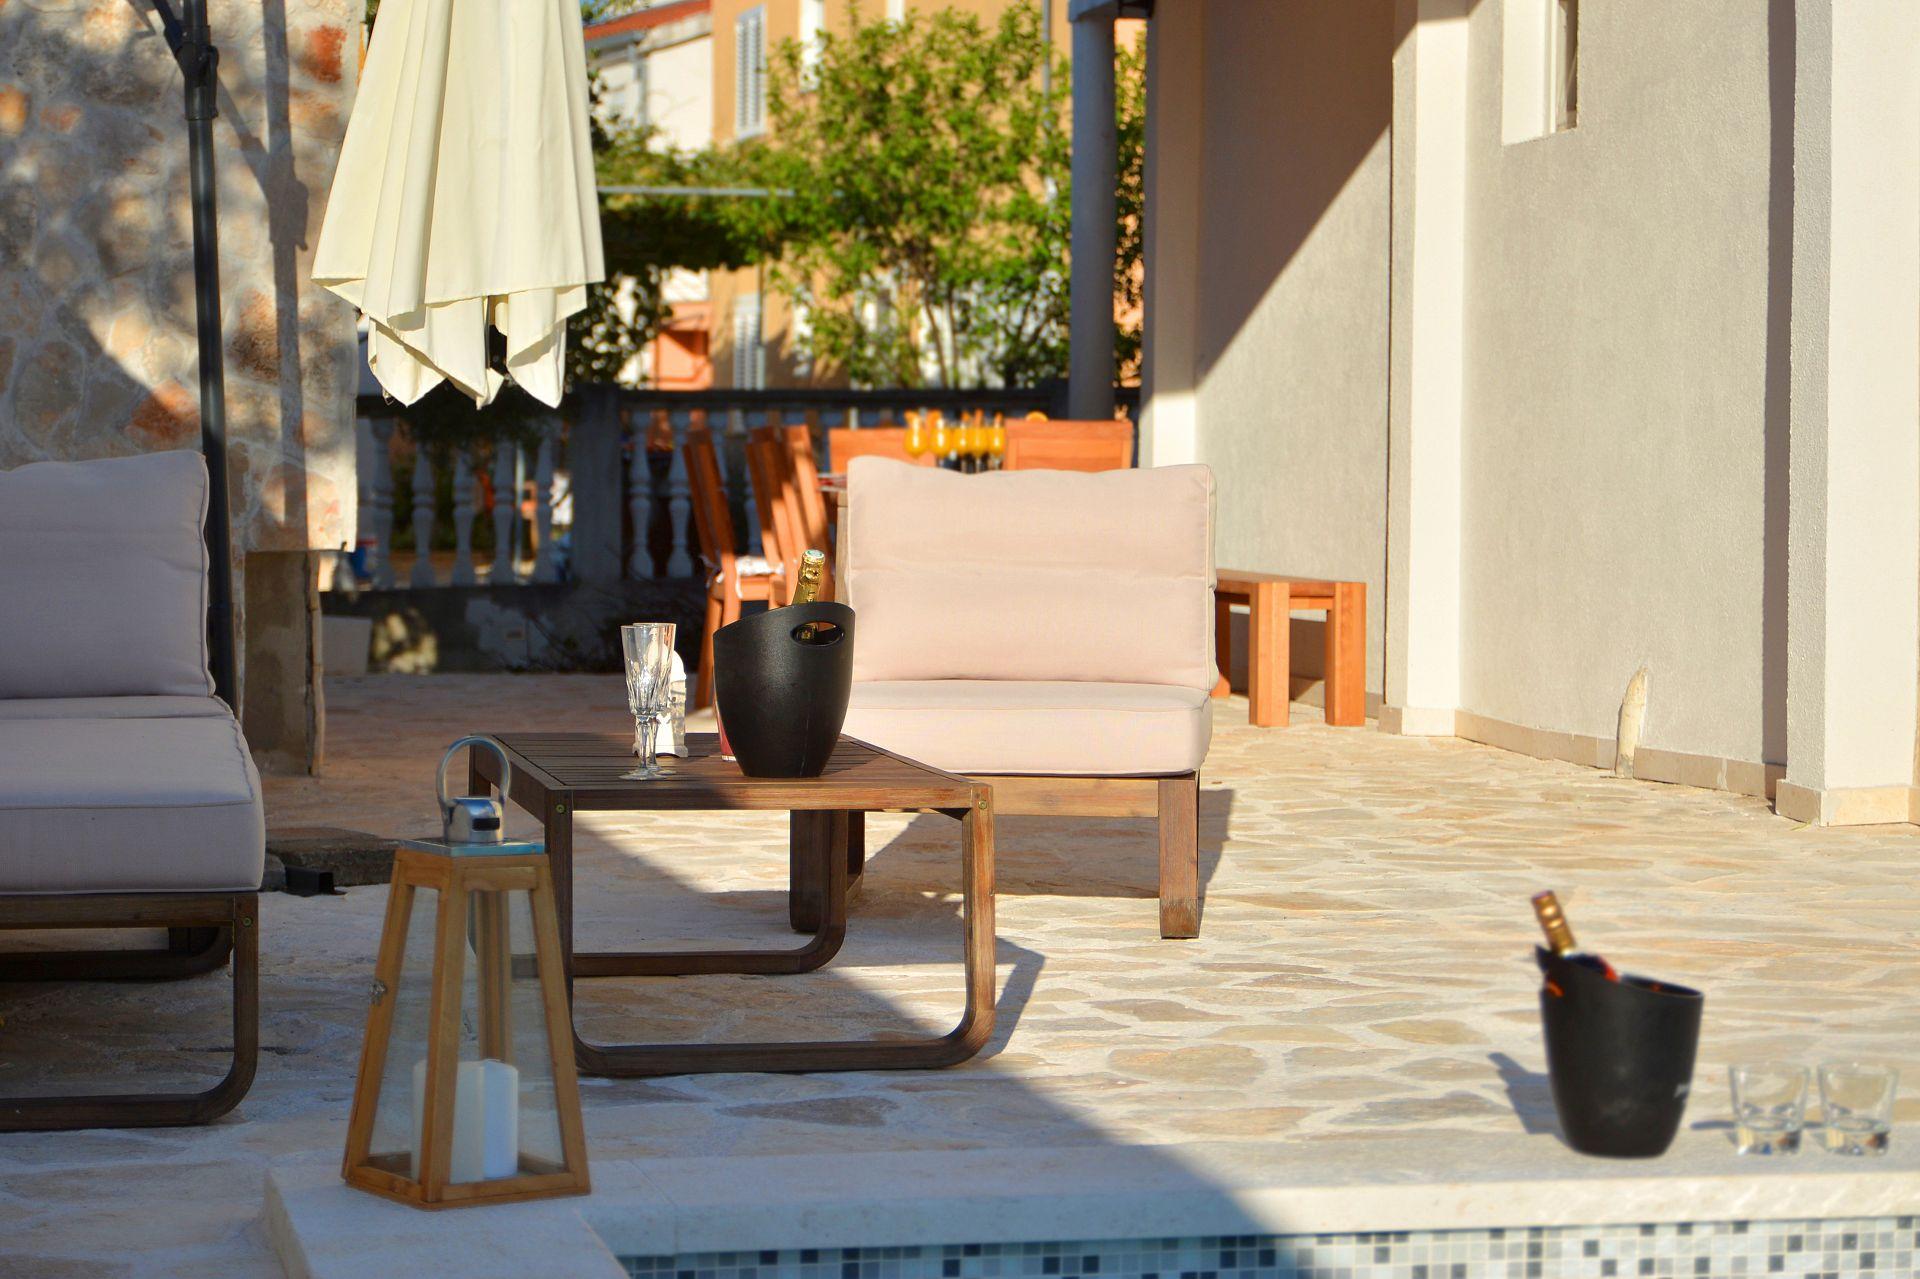 Zeljko - Marina - Appartementen Kroatië - A1(6+2): terras